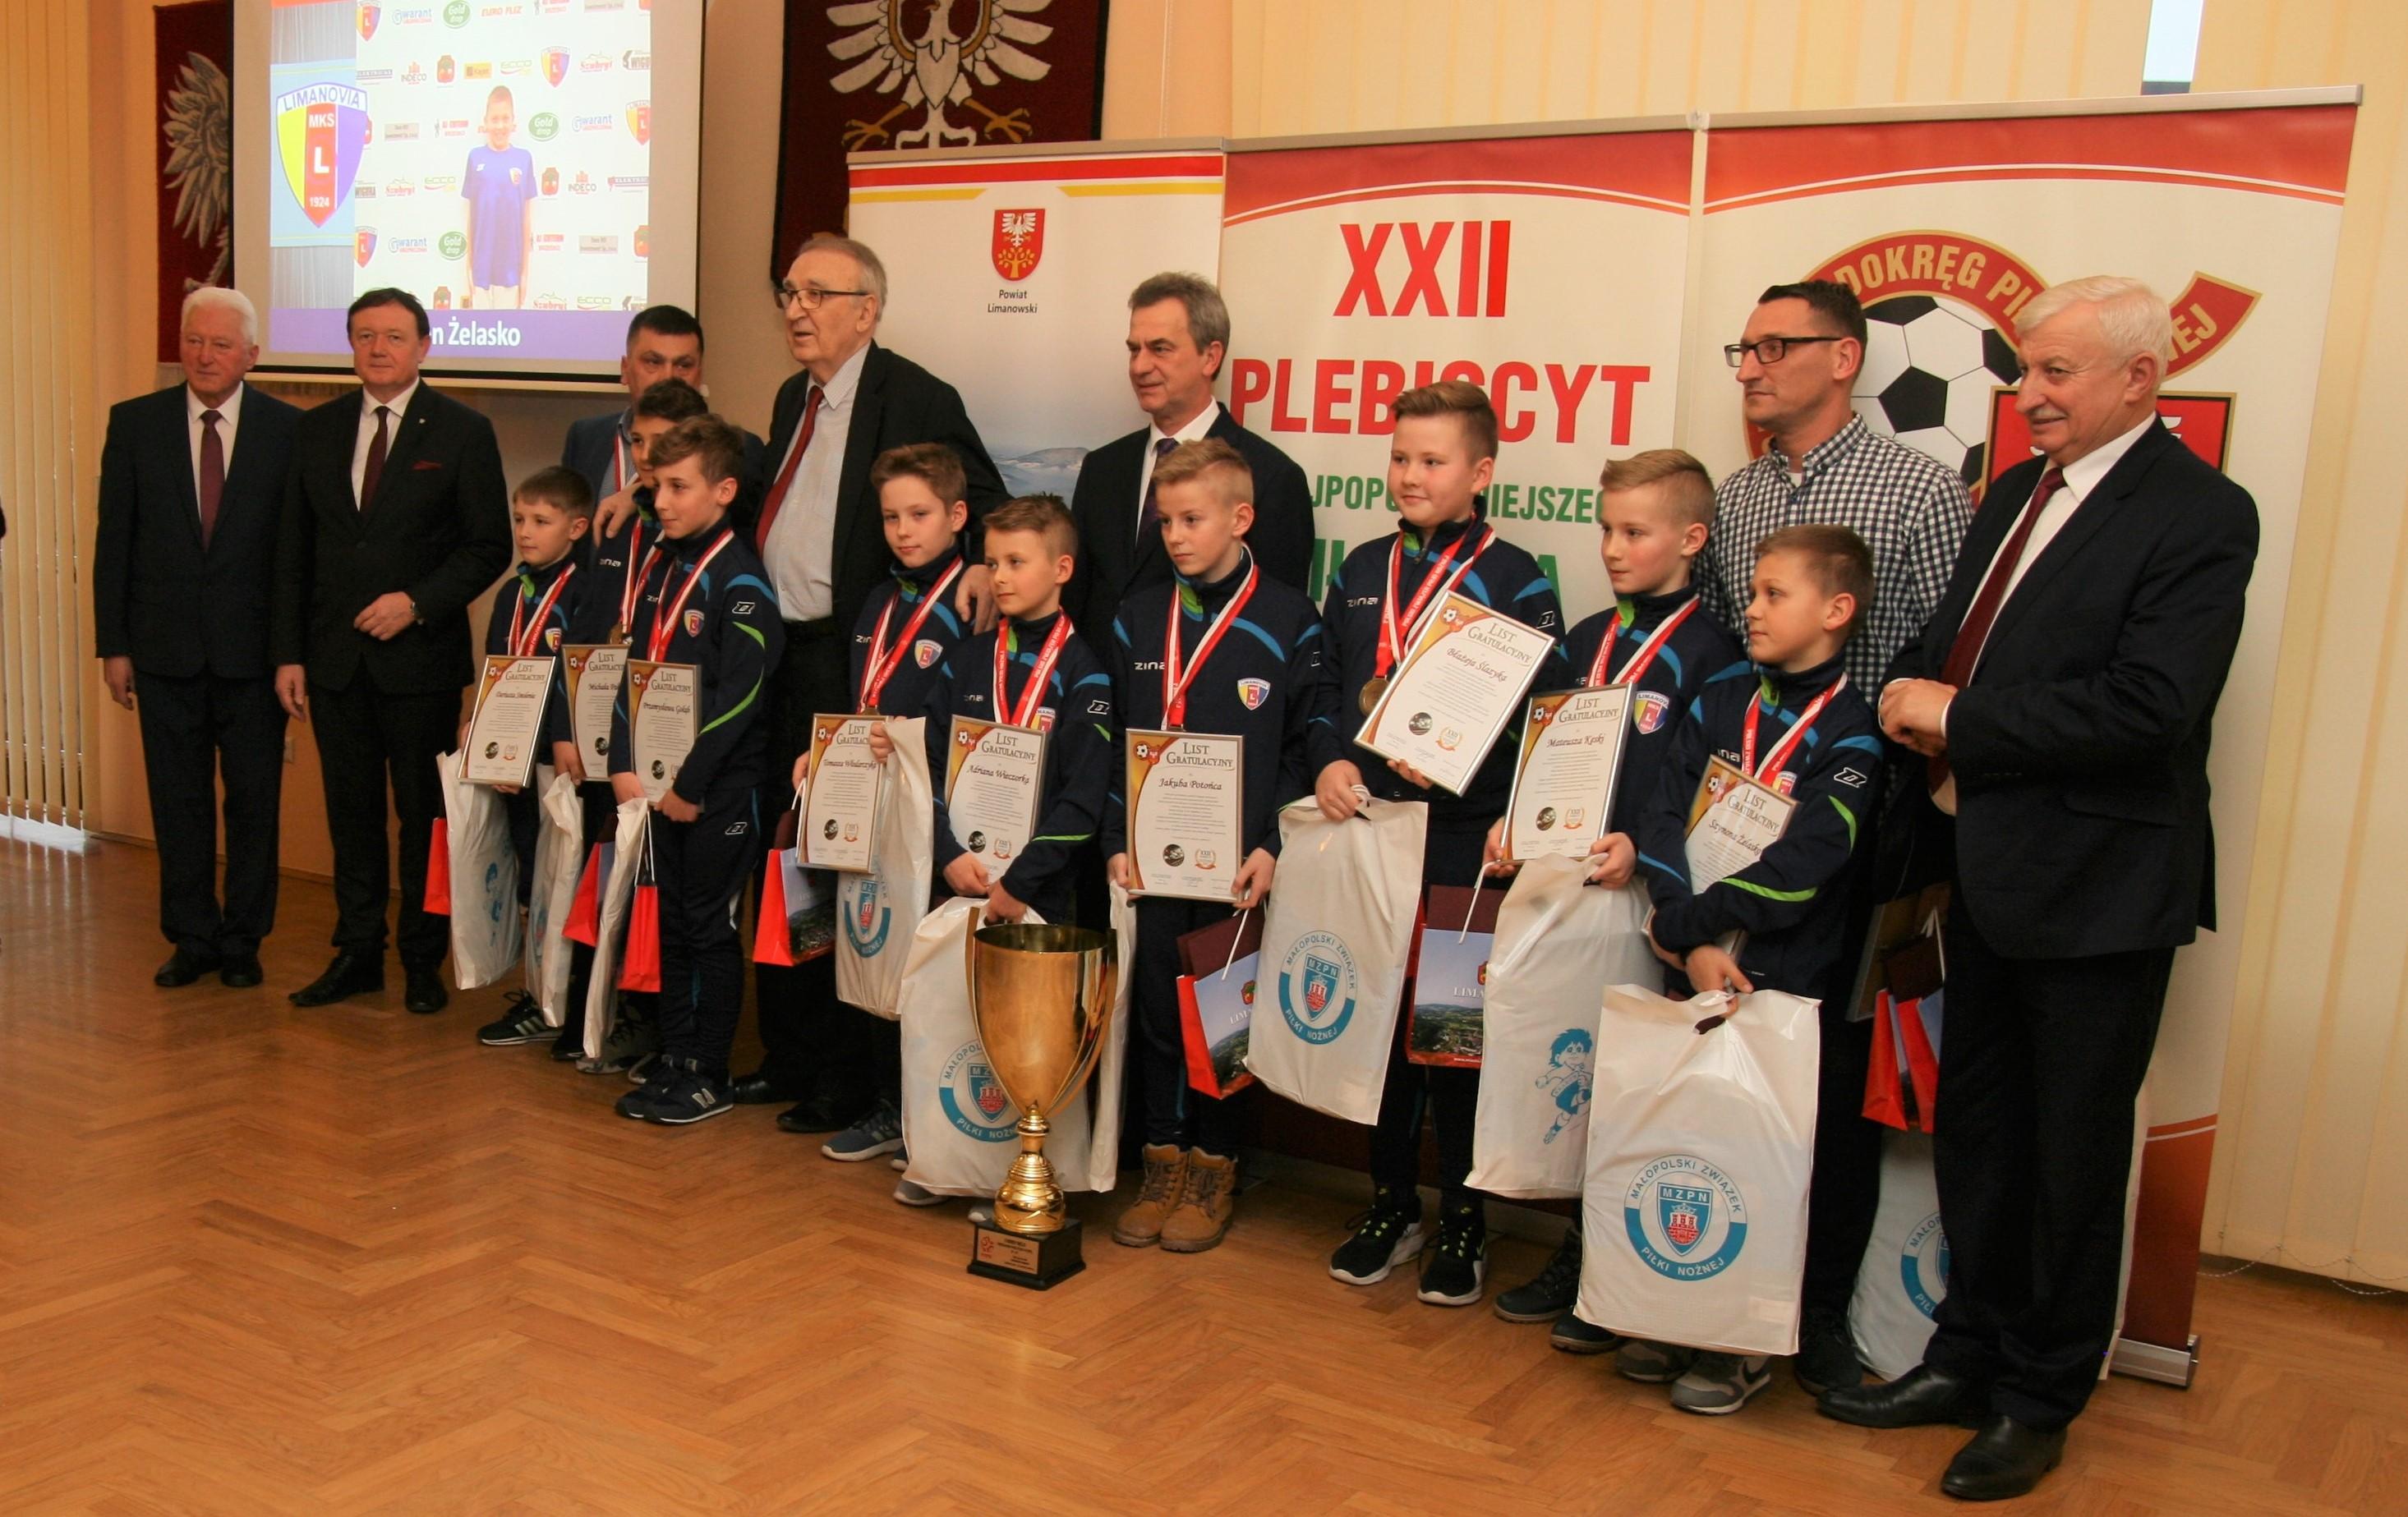 XXII Plebiscyt na Najpopulaniejszego Piłkarza i Trenera Ziemi Limanowskiej